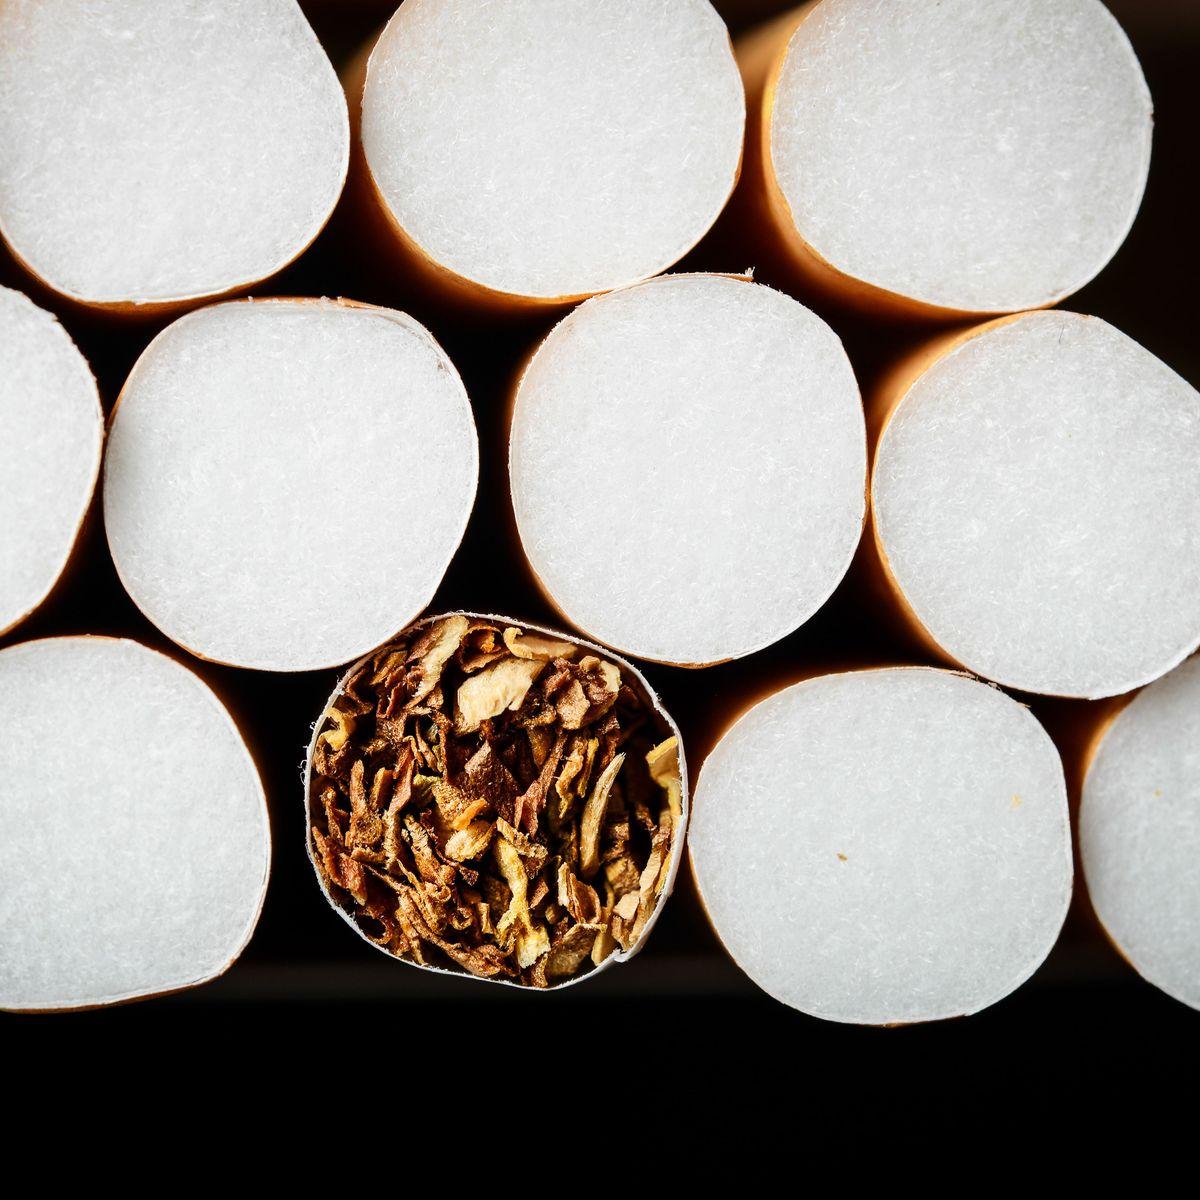 wie viele zigaretten sind in einer schachtel